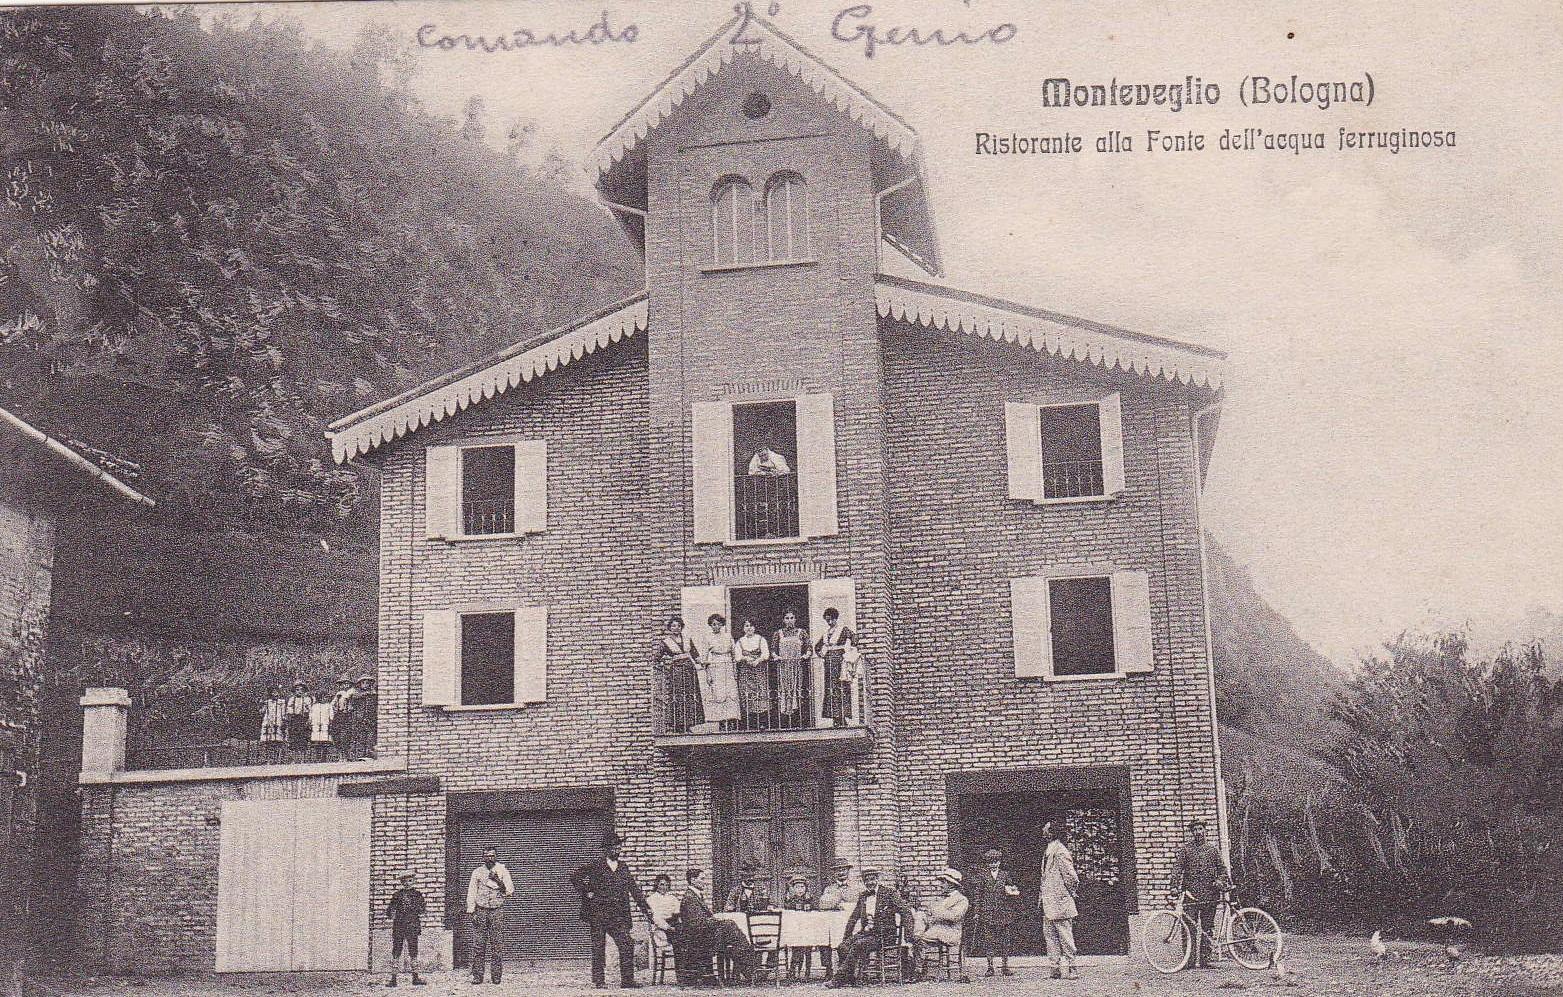 Grande Guerra a Valsamoggia: Ufficiali del Genio al ristorante alla fonte dell'acqua ferruginosa di Monteveglio